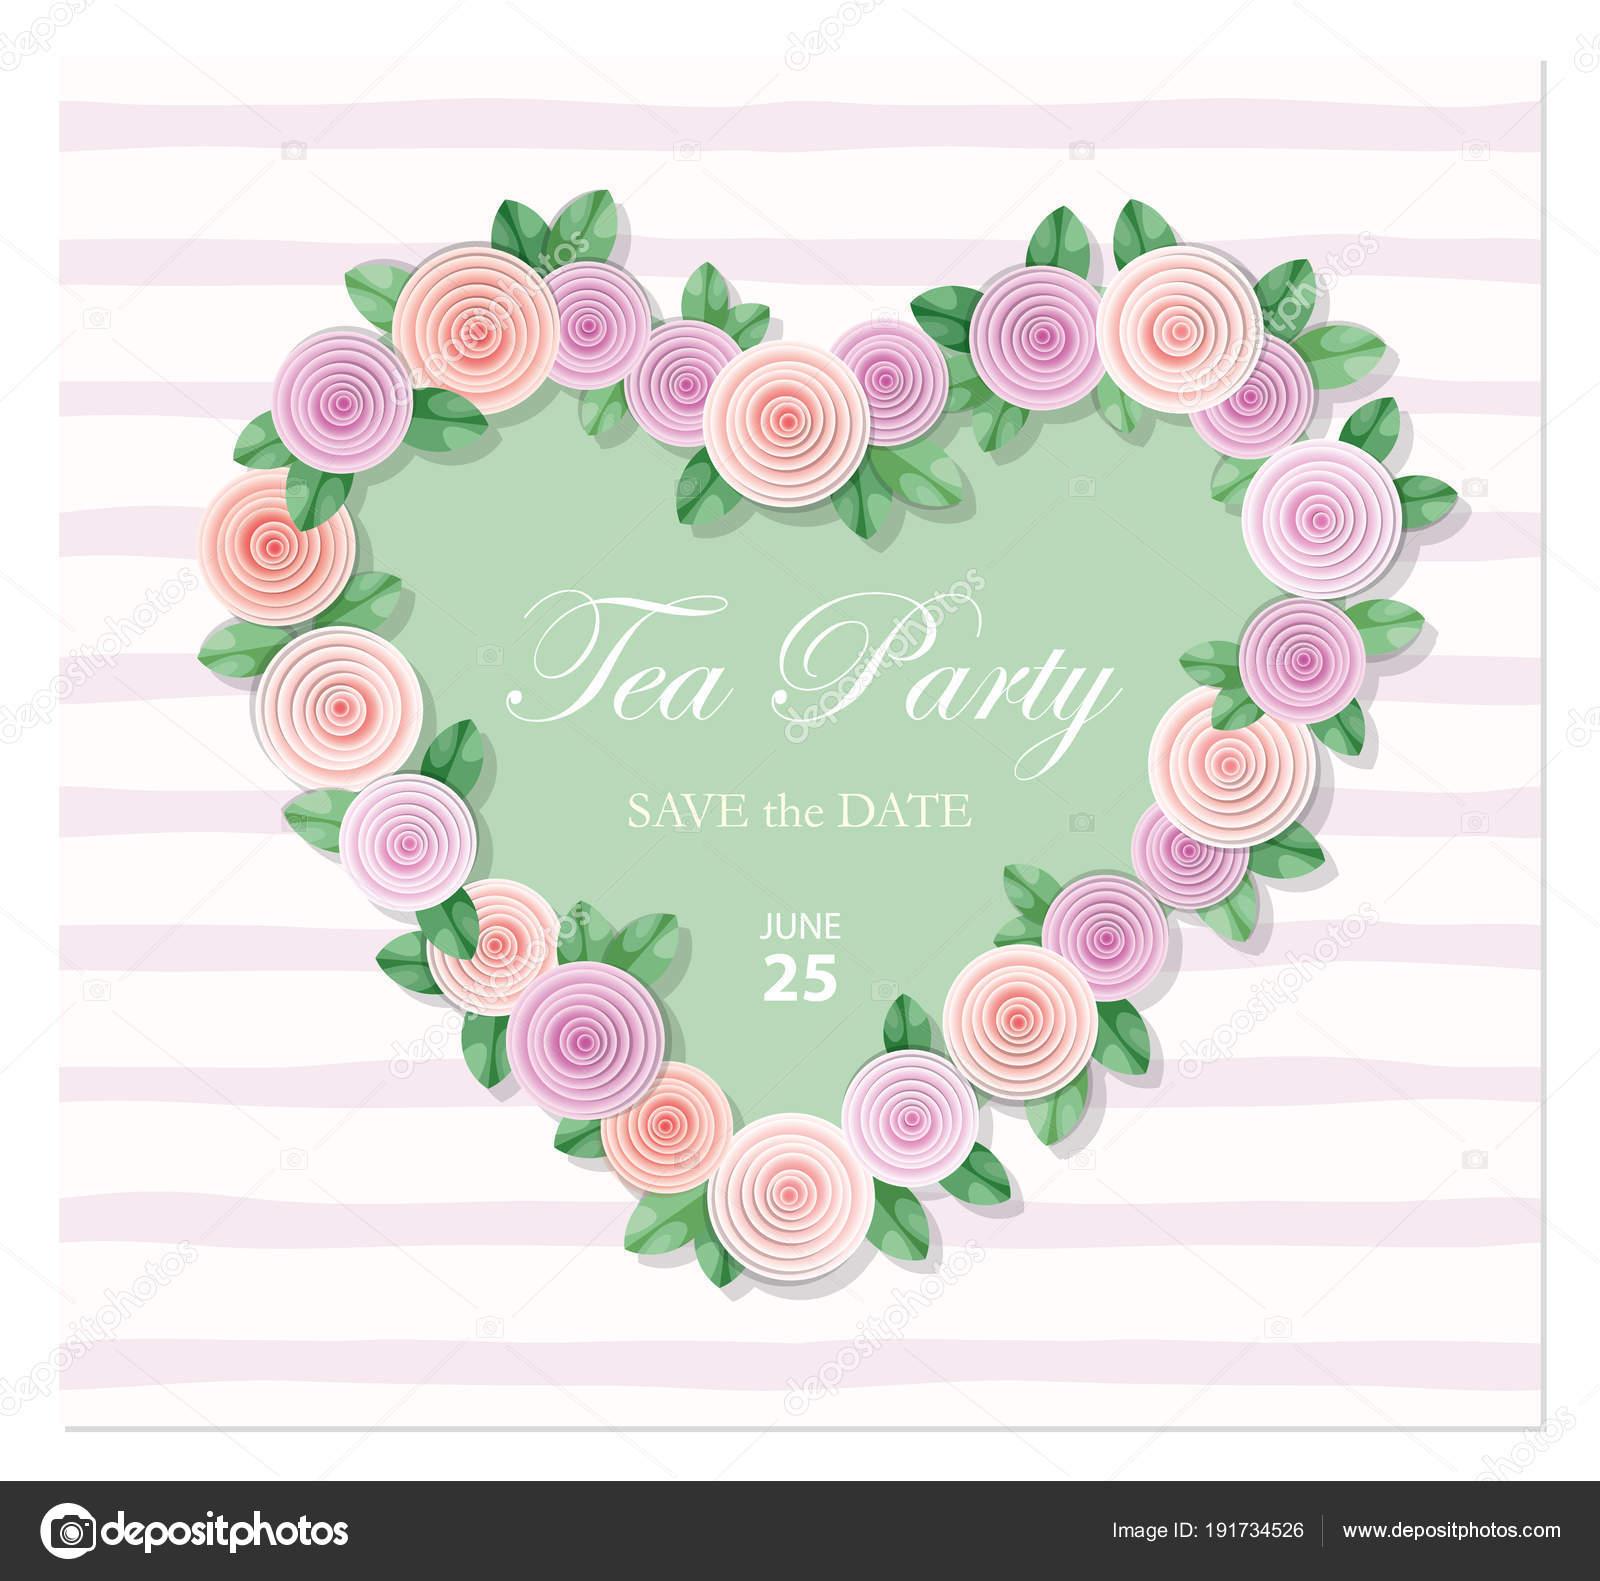 Herz Verziert Mit Rosen Vorlage. Geburtstag, Hochzeit, Einladung, Valentine  S Day Karte, Notebook Cover Für Mädchen. Vektor U2014 Vektor Von  Cutelittlethings